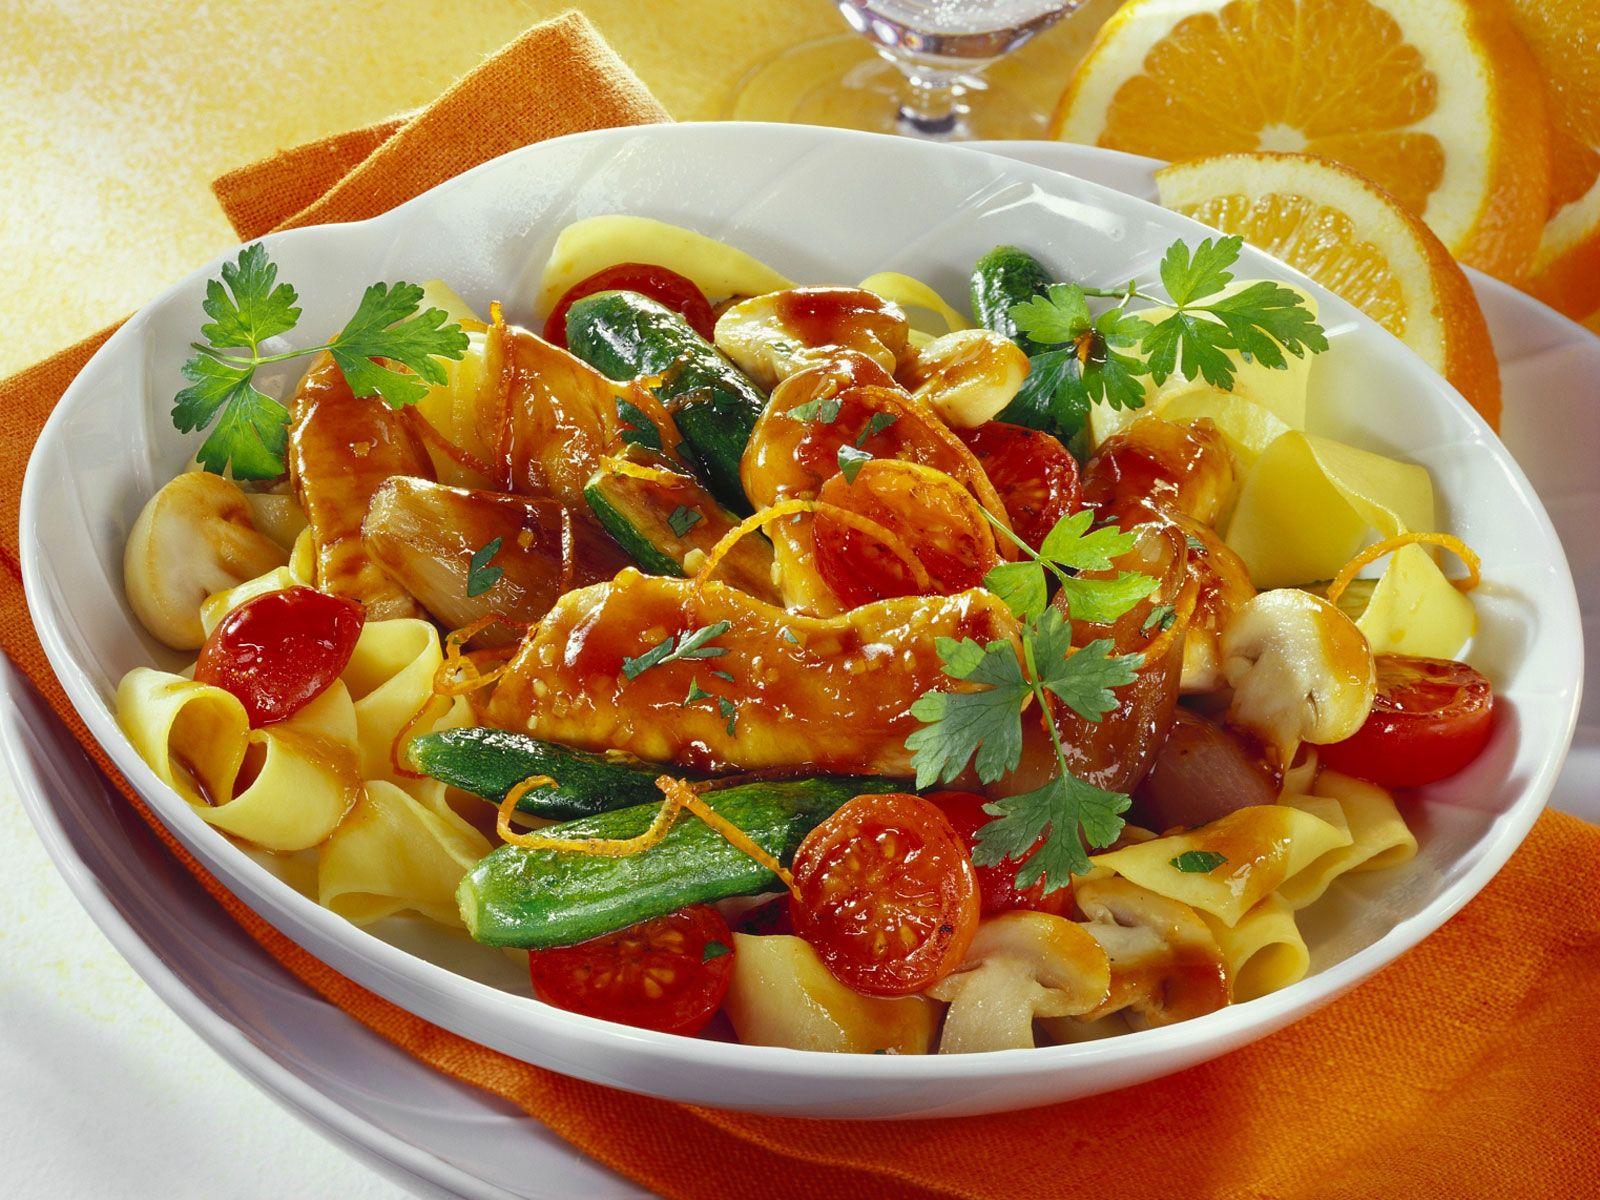 Berühmt Hähnchen in Honigmarinade mit Nudeln und Gemüse Rezept | EAT SMARTER #LZ_69